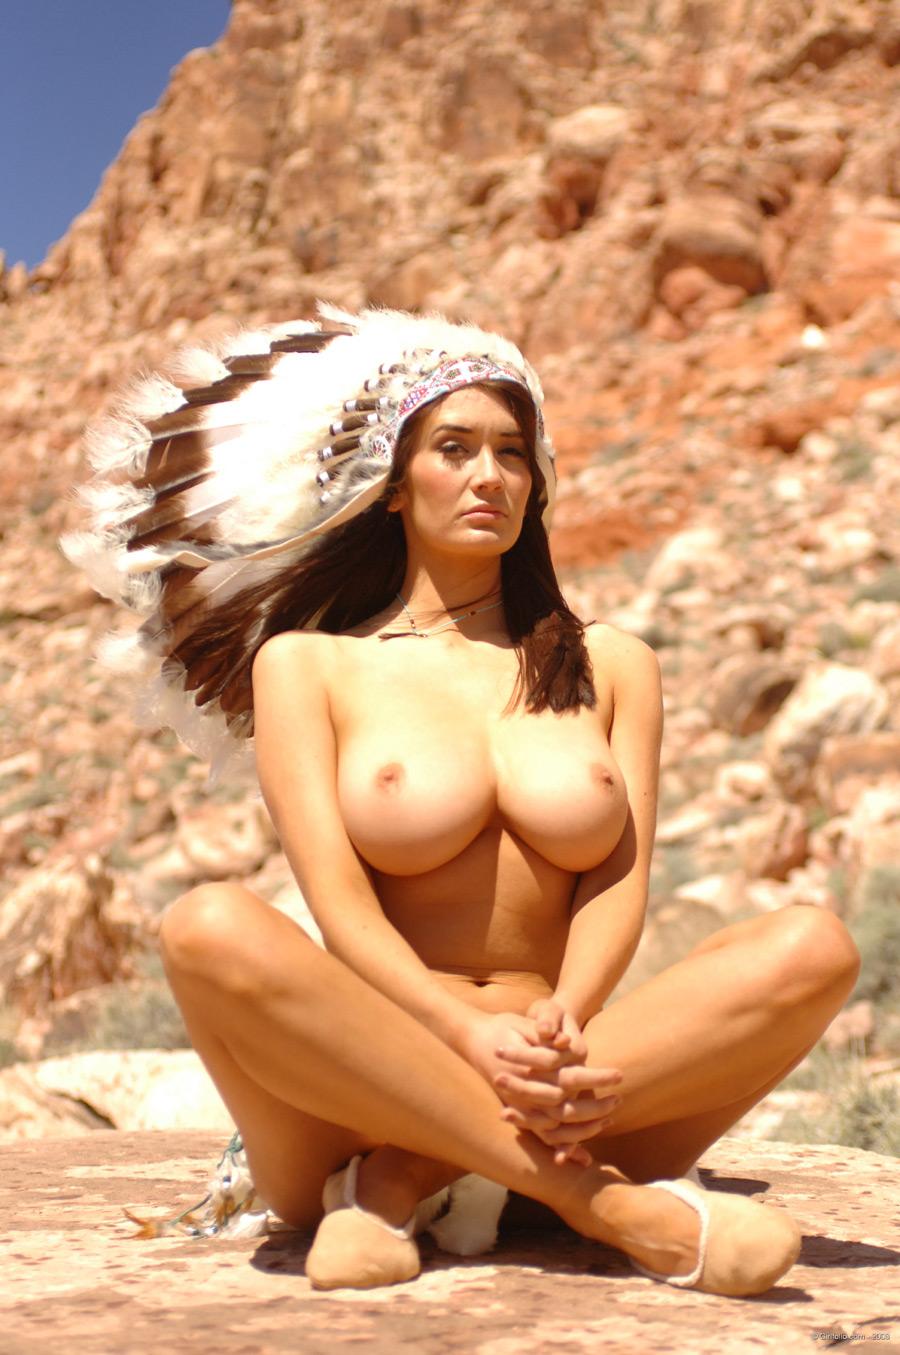 Фото голые девушки индейцы 17 фотография